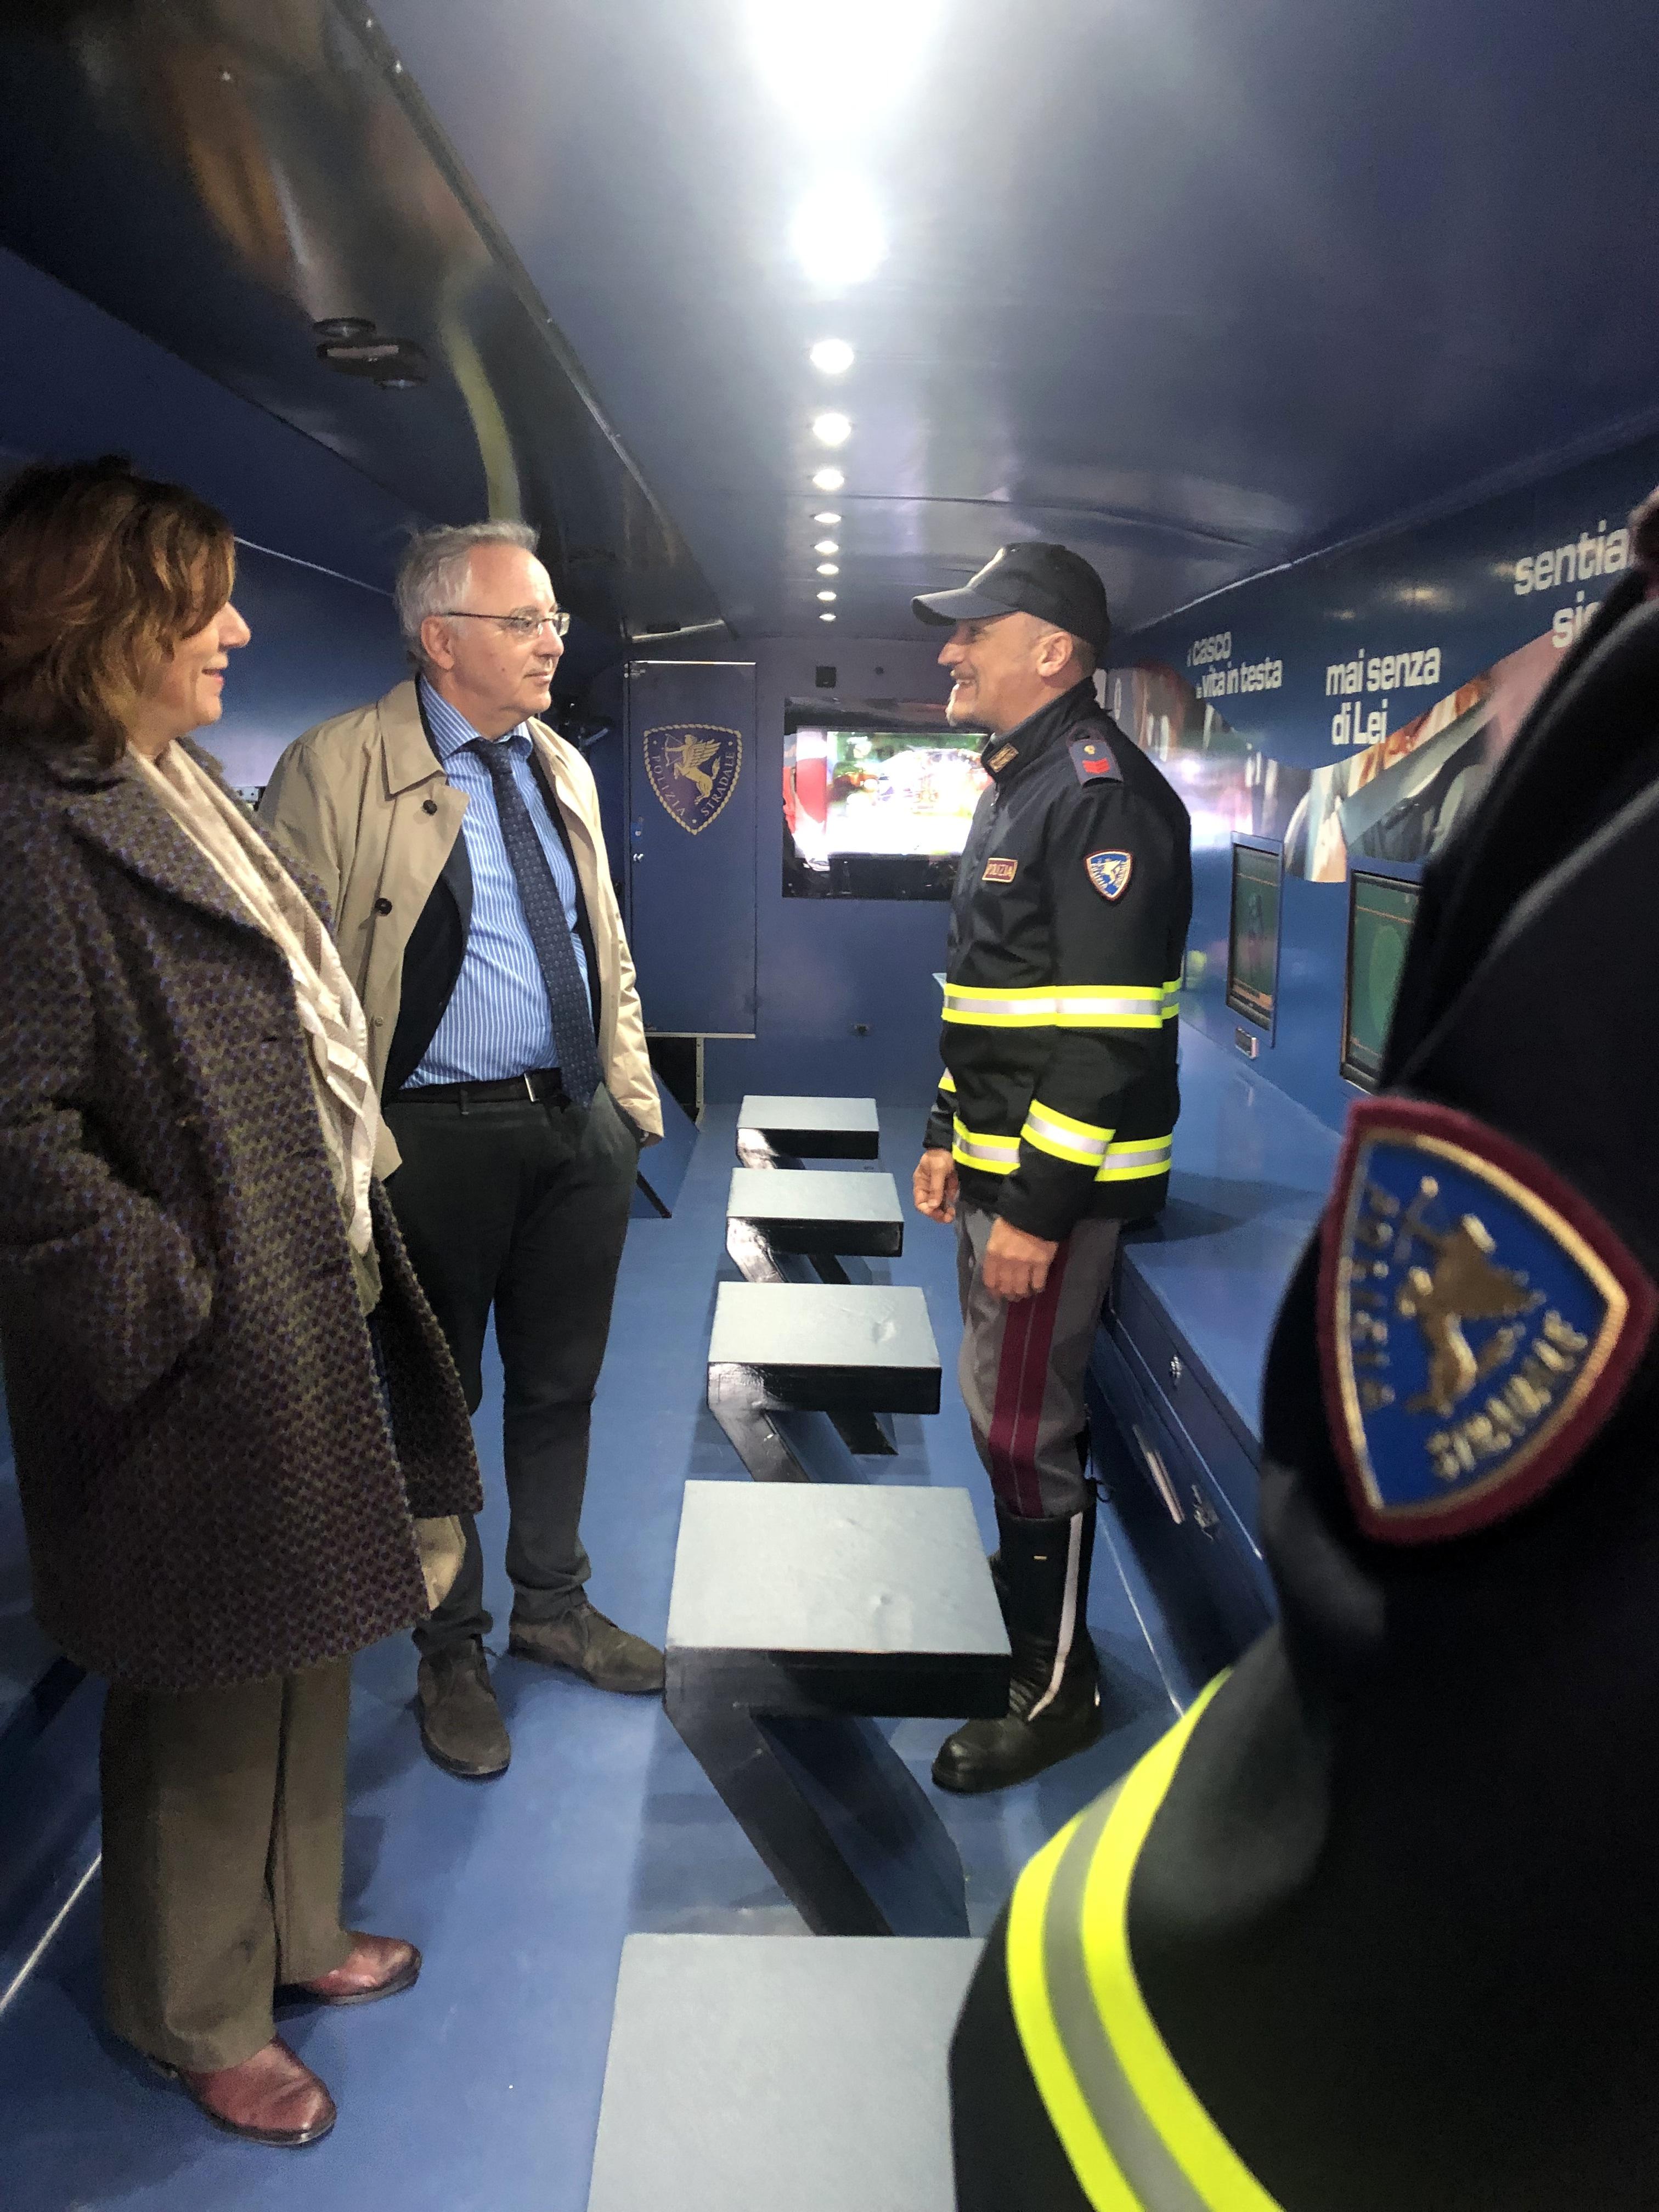 16.04.2019 - Pullman Azzurro della Polizia di Stato2-2